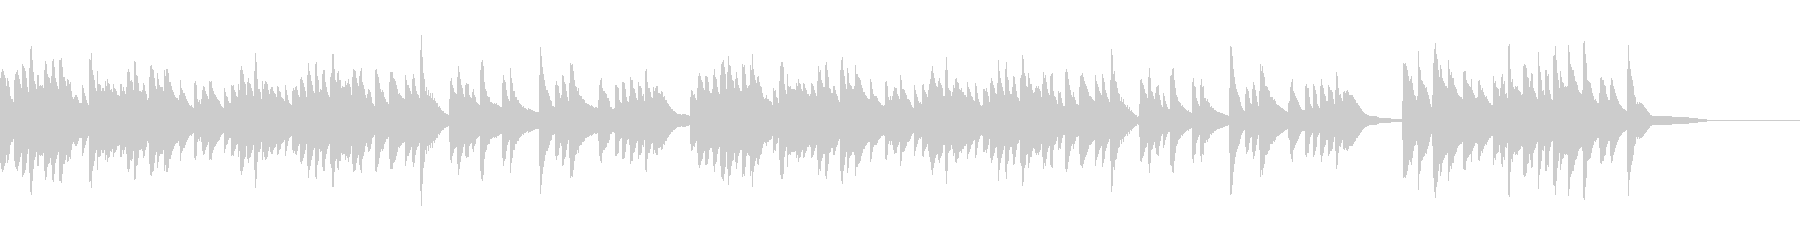 「熊本・天草地方の子守唄」ハープインストの未再生の波形